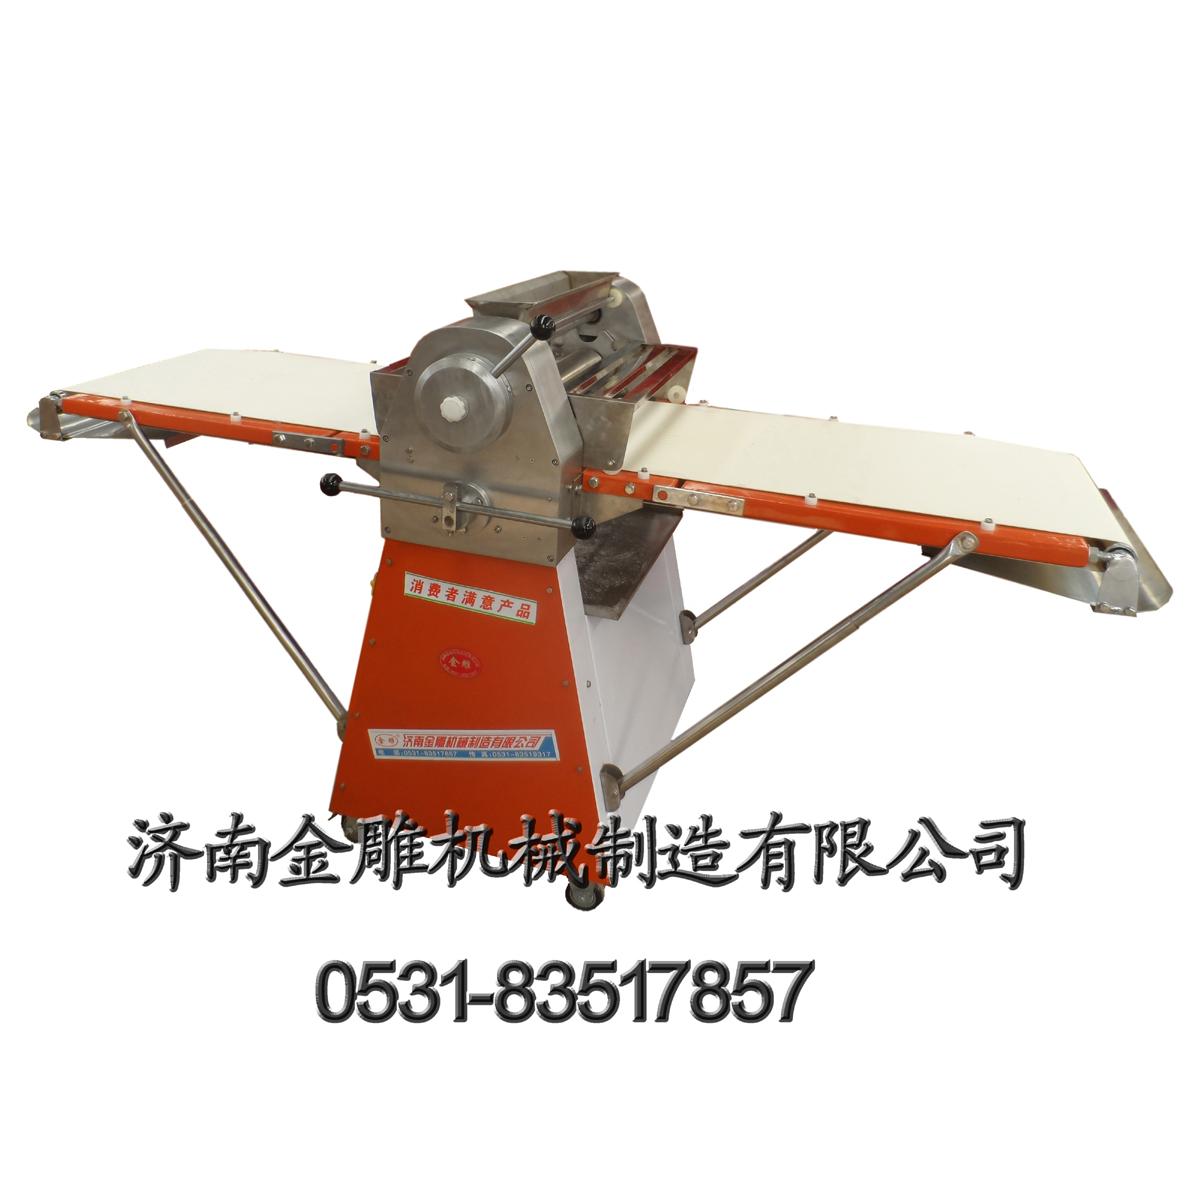 济南金雕机械制造有限公司